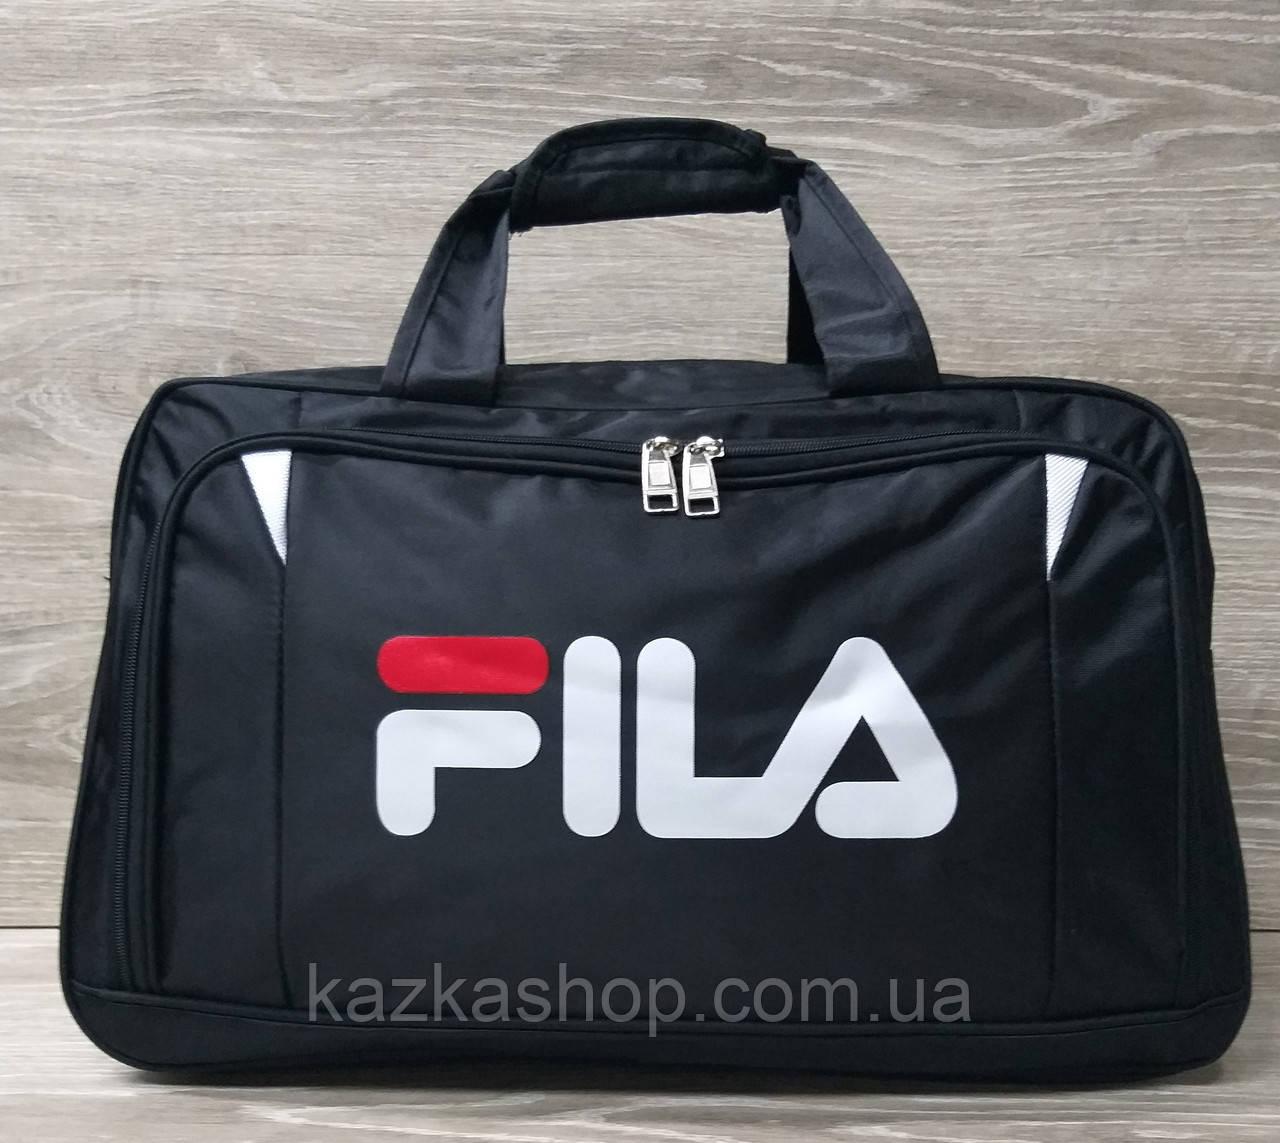 Дорожная сумка хорошего качества, накат в стиле Fila (копия), среднего размера 50х30х18 см, плотный материал